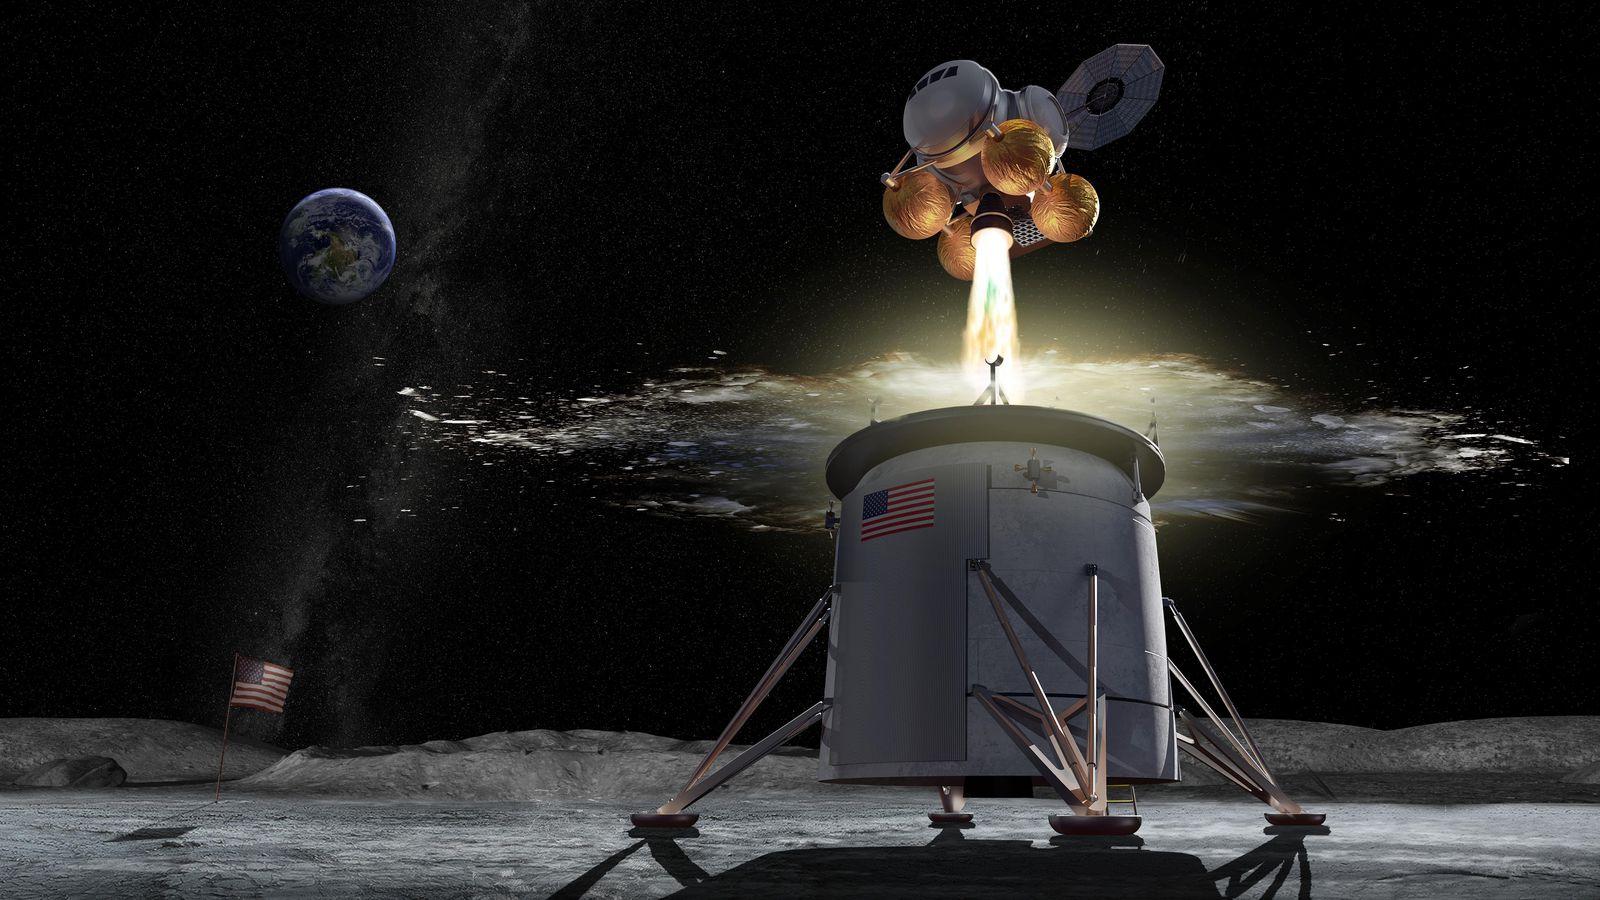 الخطوات التي يجب أن تتخذها ناسا للعودة للقمر مرة أخرى - إيصال أول امرأة إلى سطح القمر - إرسال مهمتين أخريين لاختبار مركبة أوريون الفضائية - الهبوط على القمر